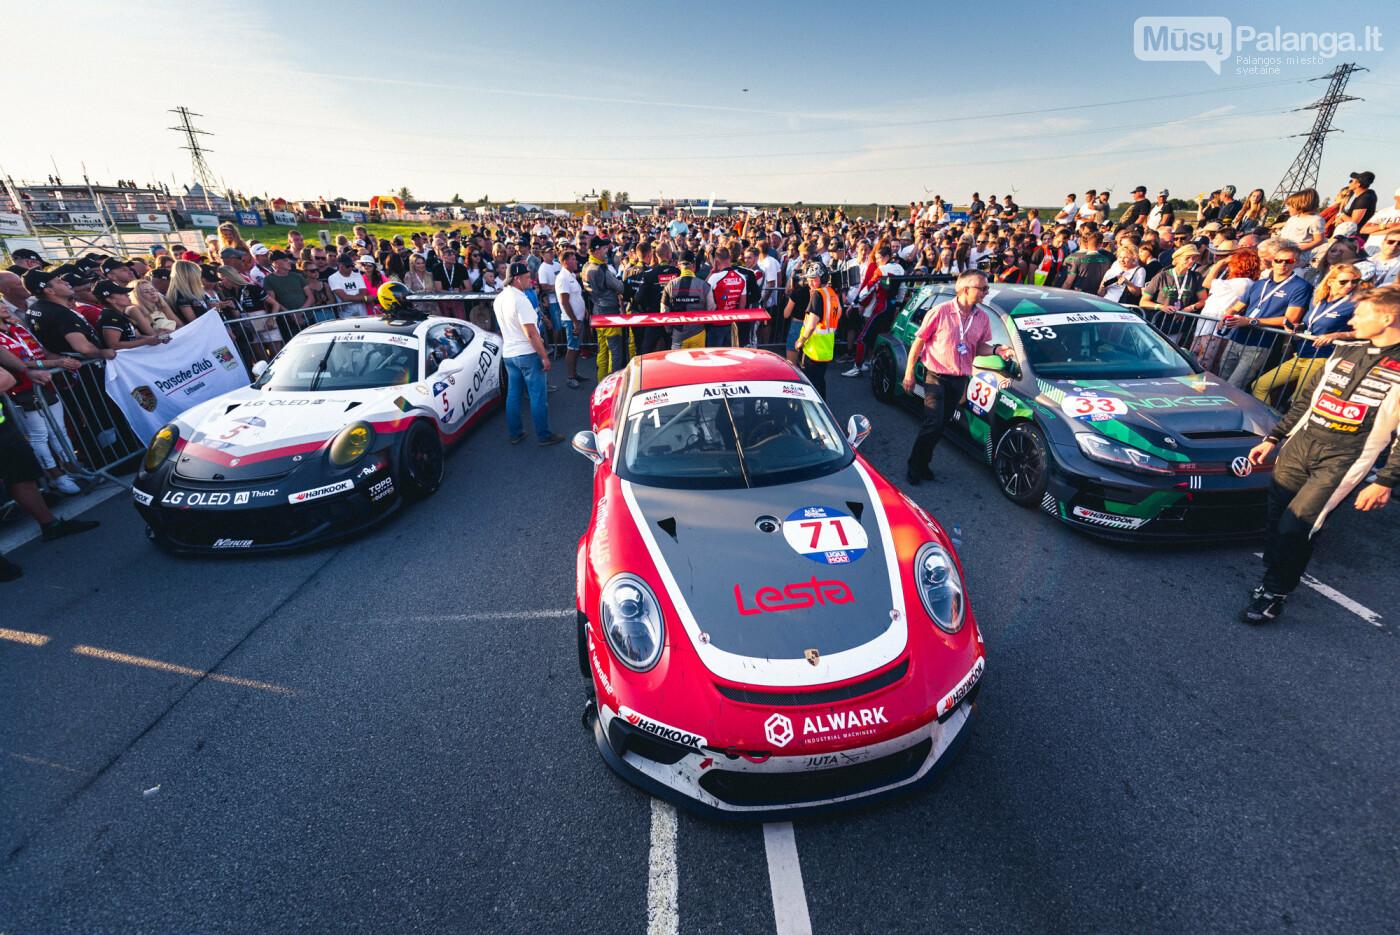 """""""Aurum 1006 km"""" lenktynėse Palangoje – praėjusių metų nugalėtojų triumfas , nuotrauka-6, Vytauto PILKAUSKO ir Arno STRUMILOS nuotr."""